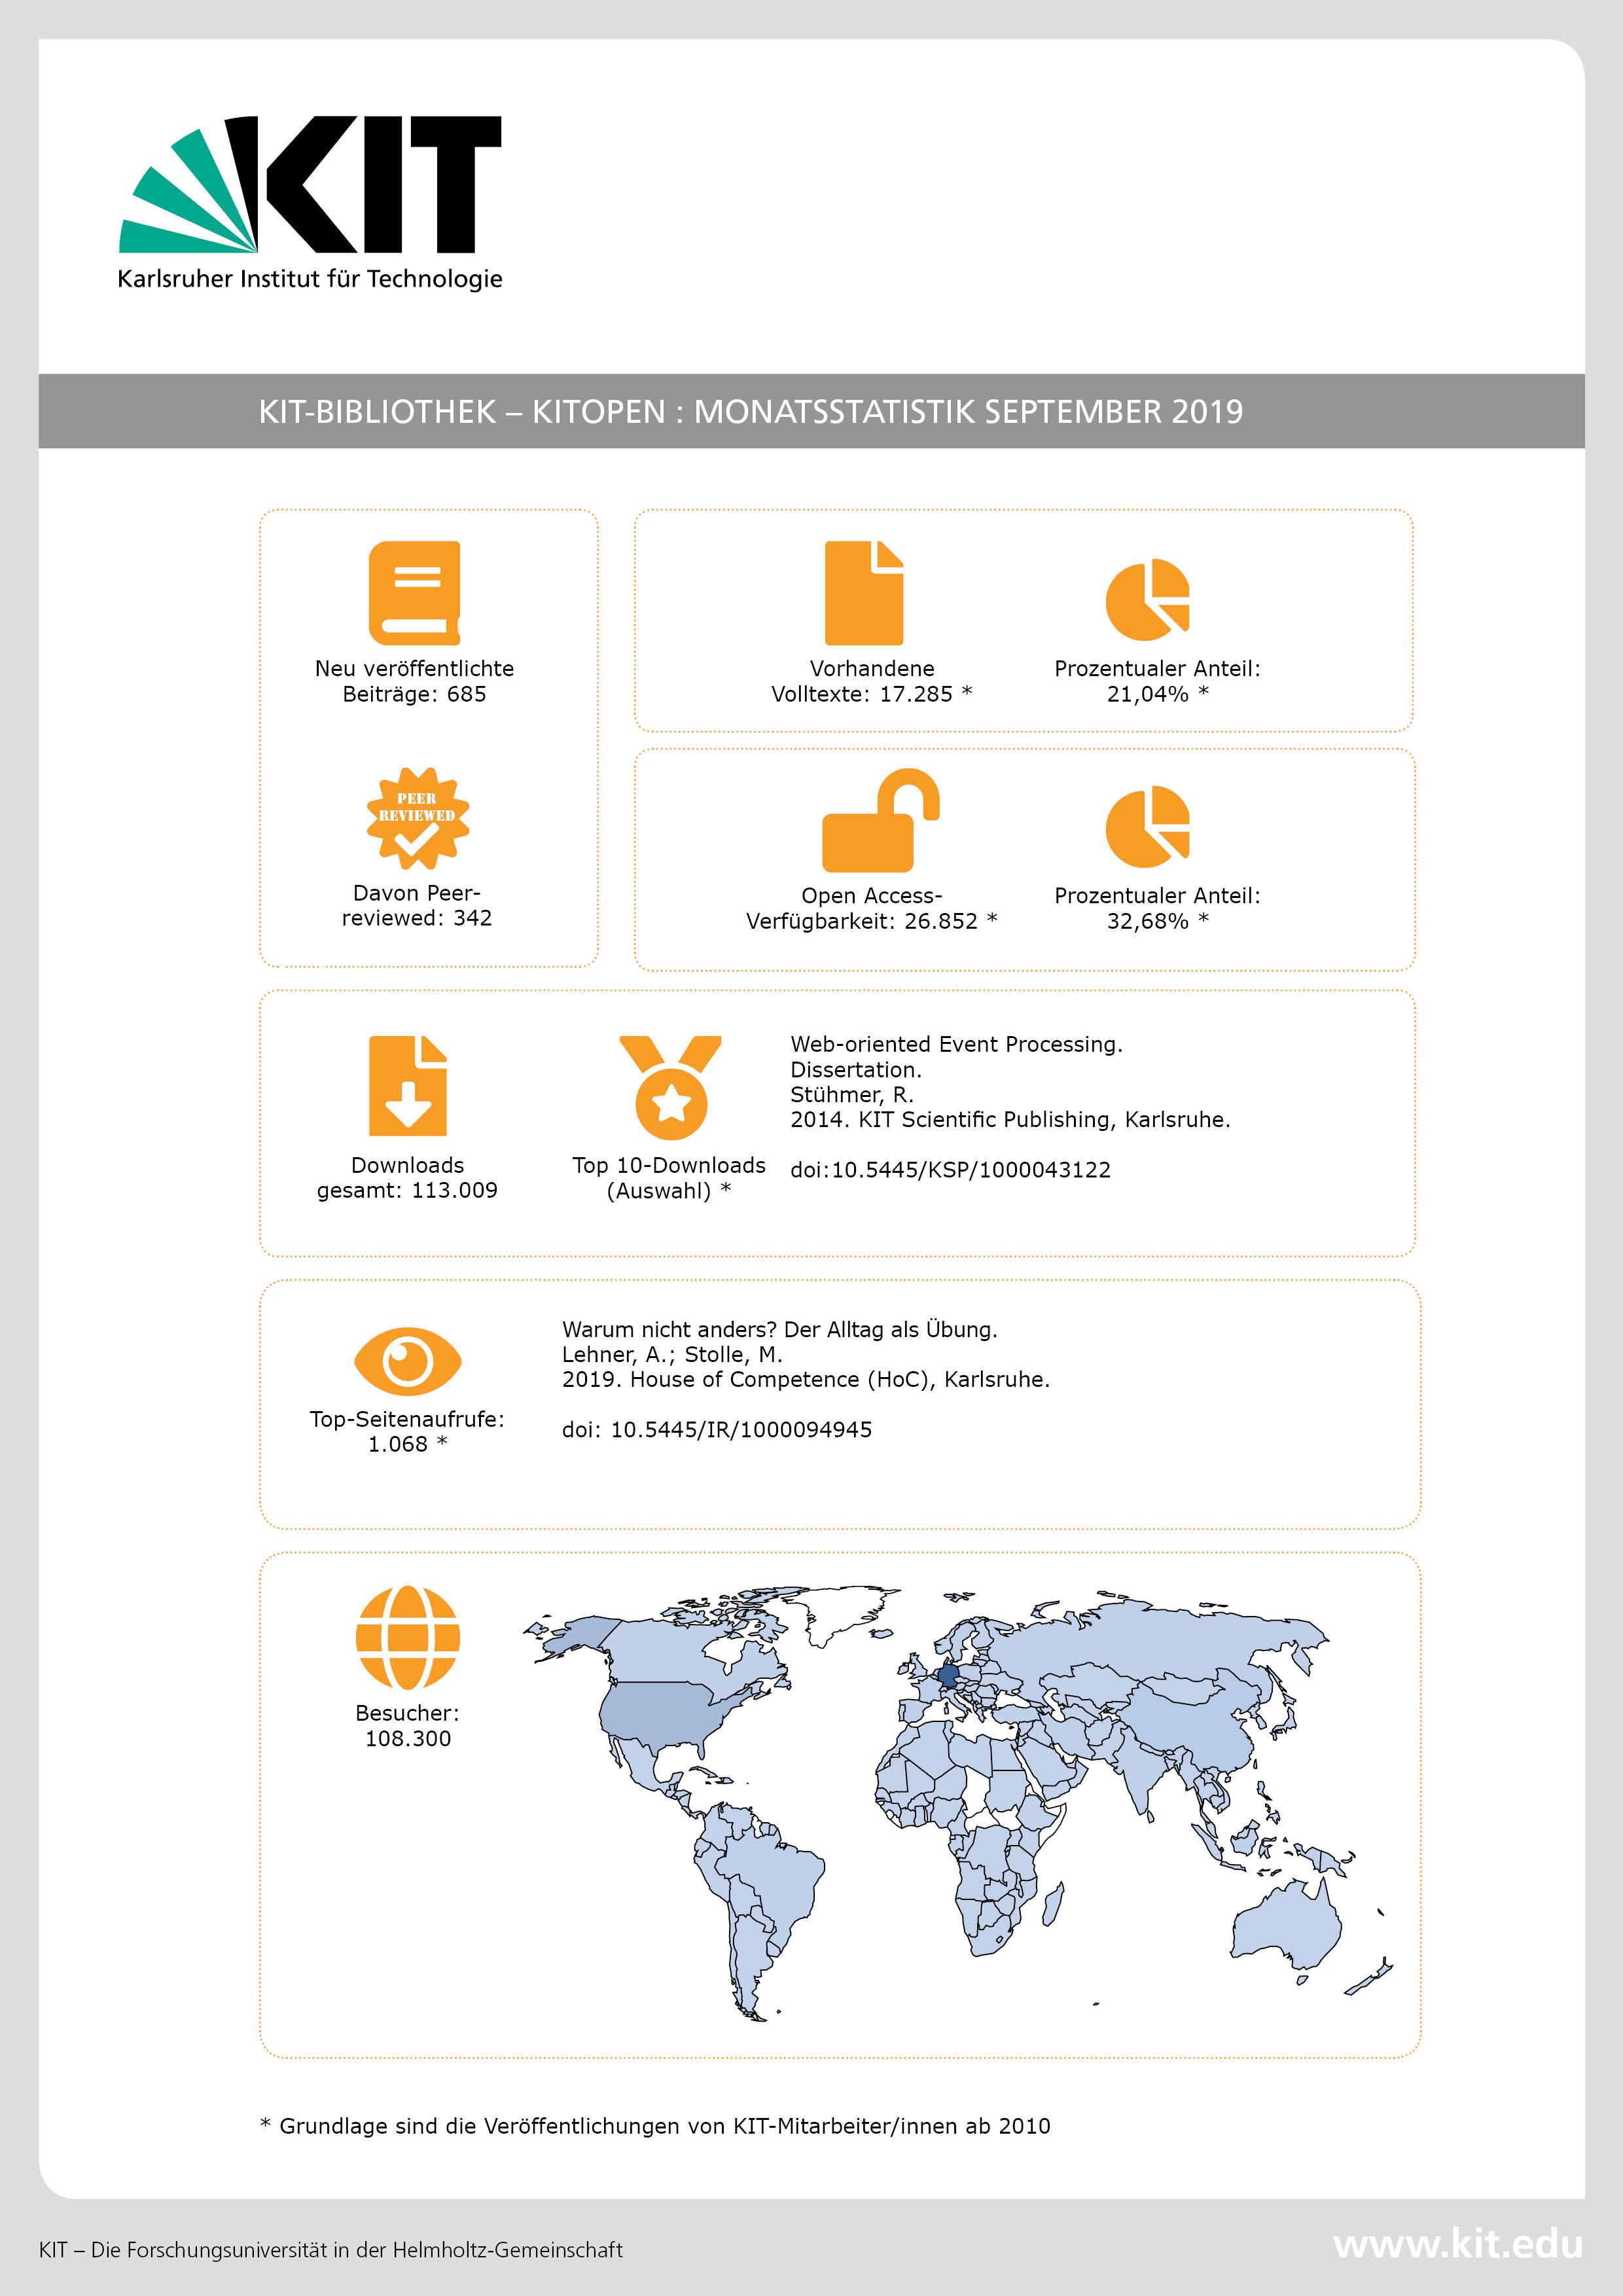 KITopen-Monatsstatistik September 2019